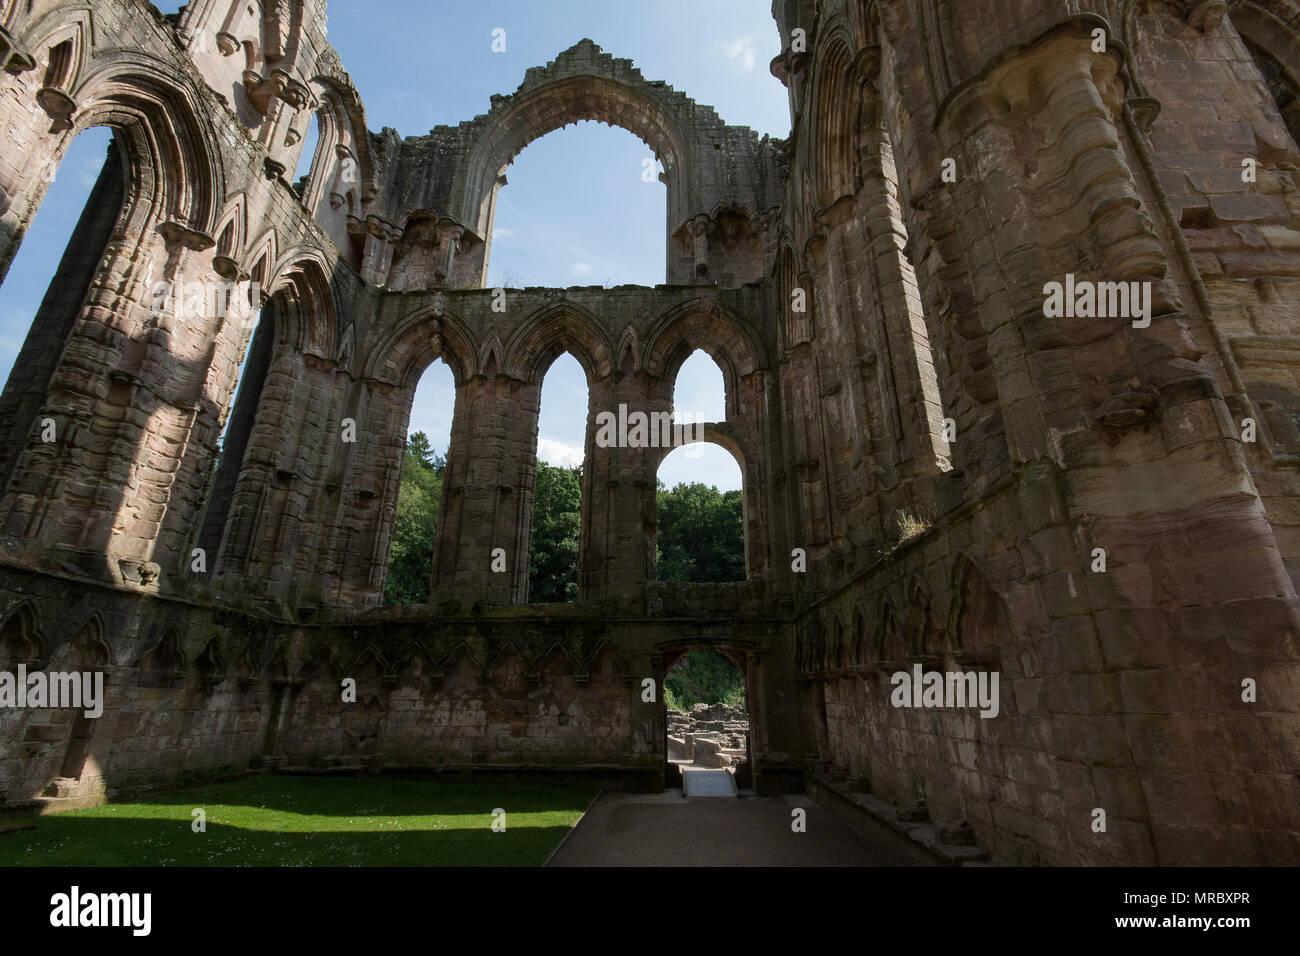 Architektur mit hohen gotischen Bögen im Inneren des Klosters Ruinen von Fountains Abbey, Ripon, Großbritannien Stockbild